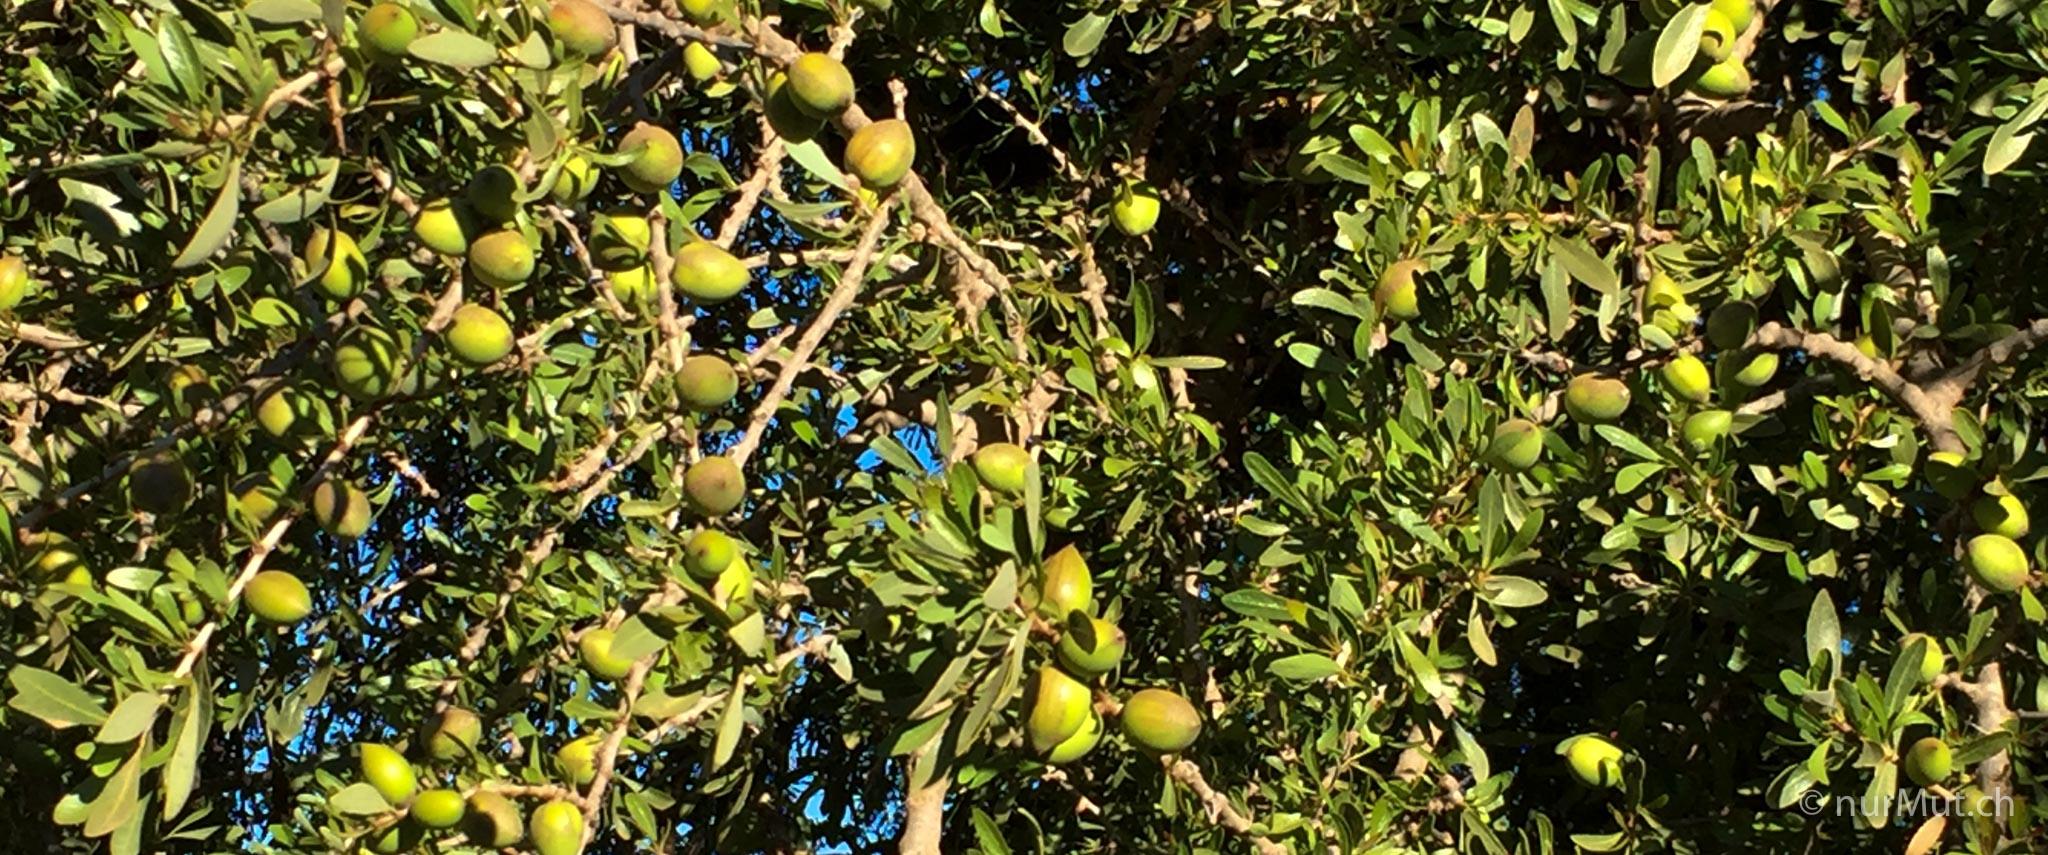 marokkanische Berber-arganbaum-argan-arganfruechte